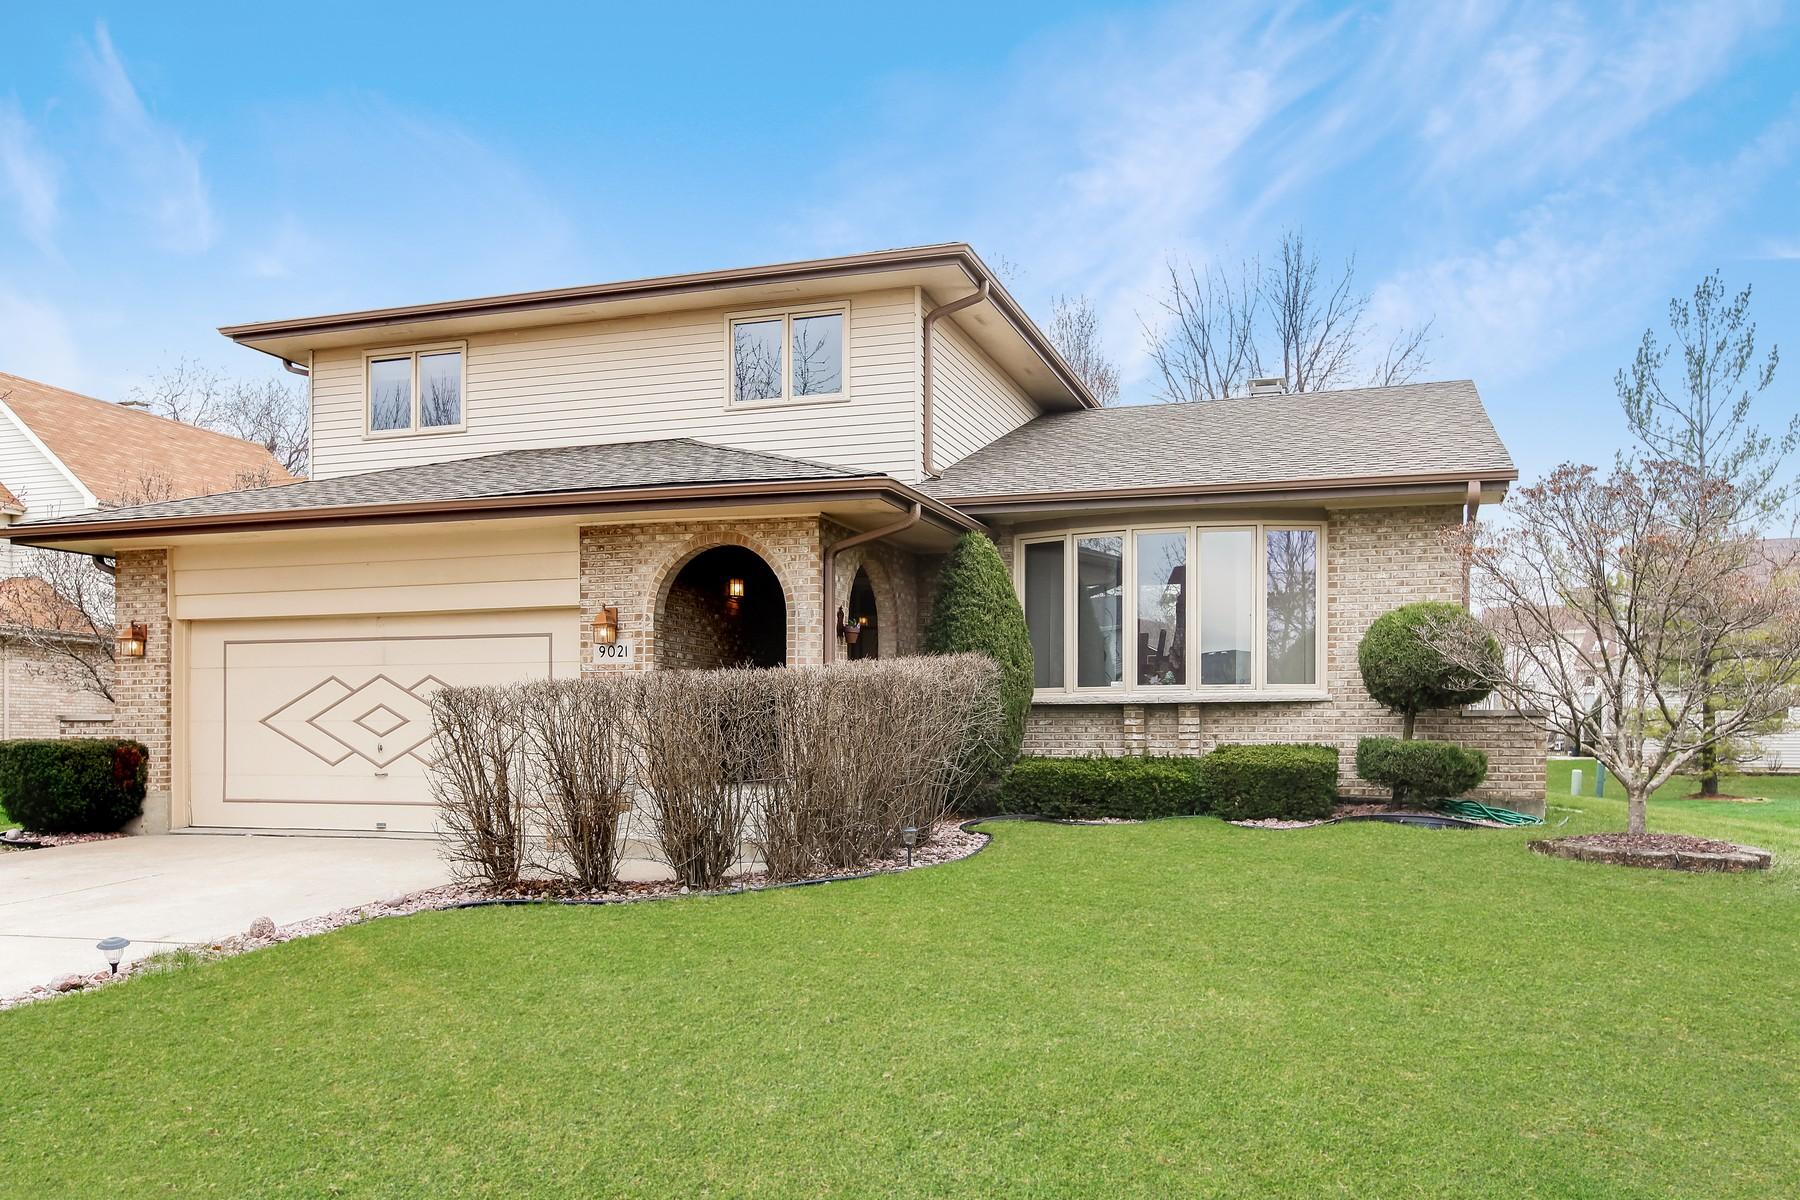 獨棟家庭住宅 為 出售 在 9021 Hampstead 9021 Hampstead Ct. Woodridge, 伊利諾斯州, 60517 美國